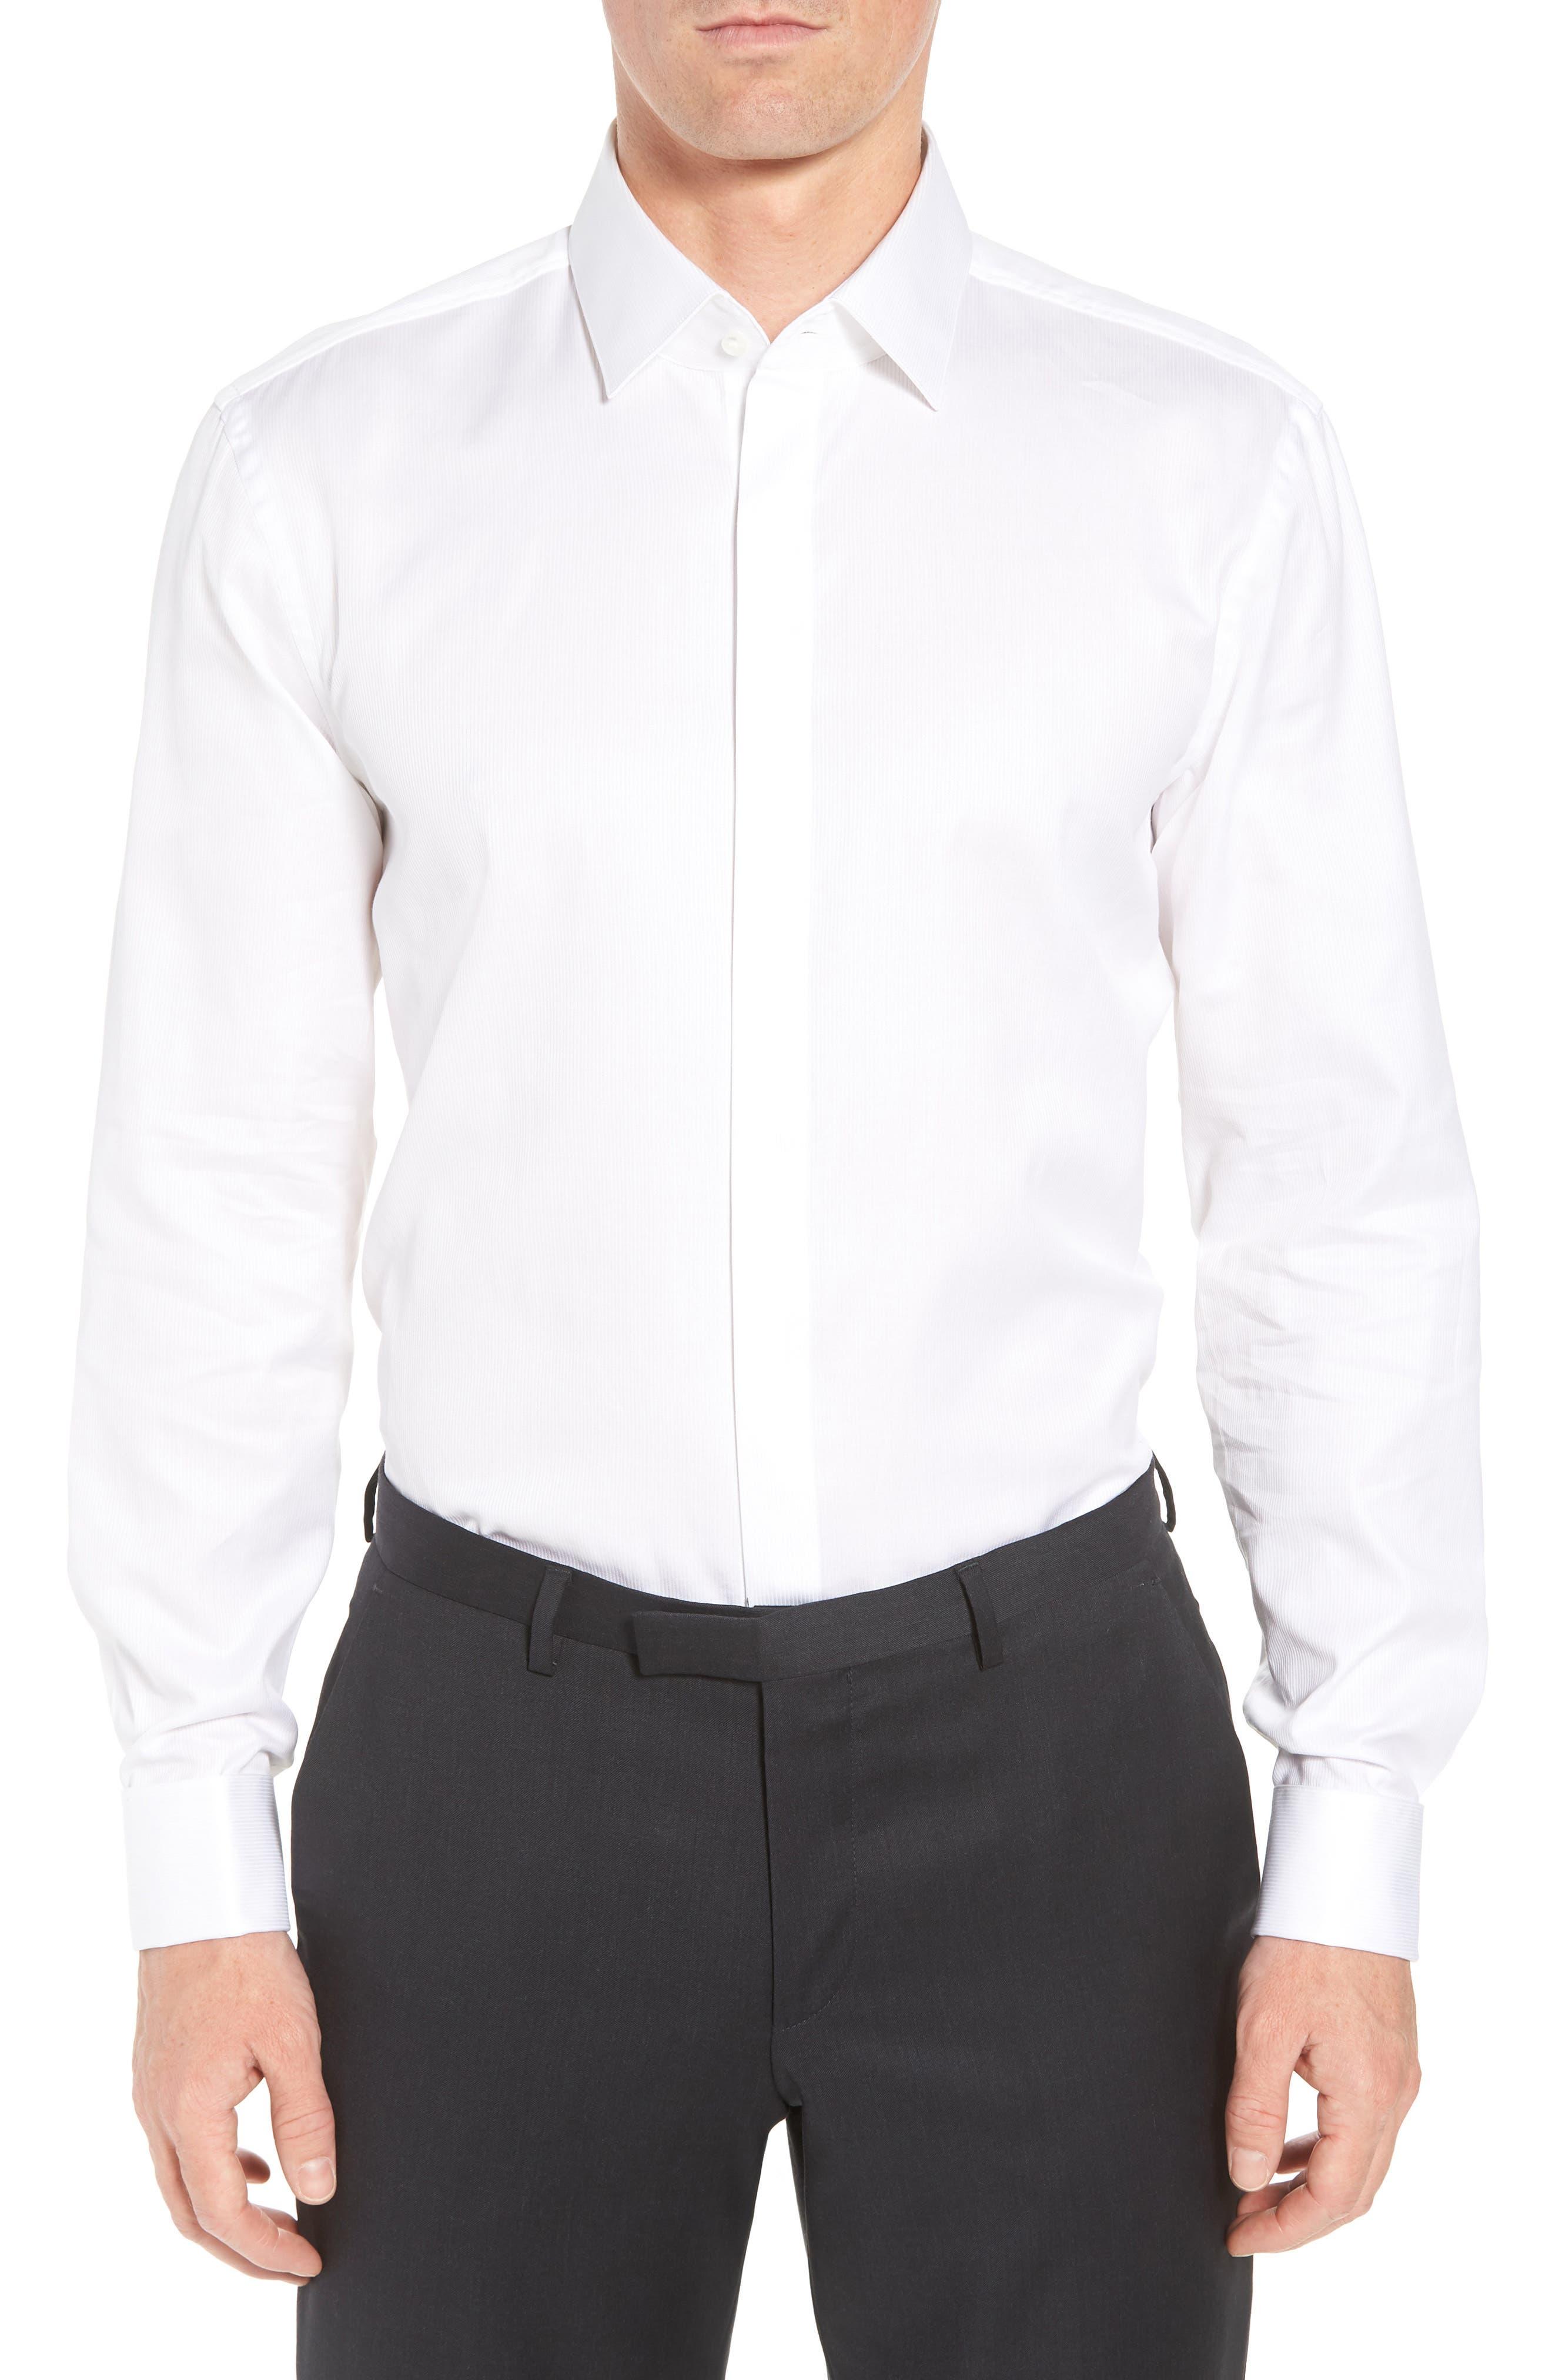 myron sharp fit tuxedo shirt1418460 Hugo Boss Tuxedo Shirt Nordstrom #3